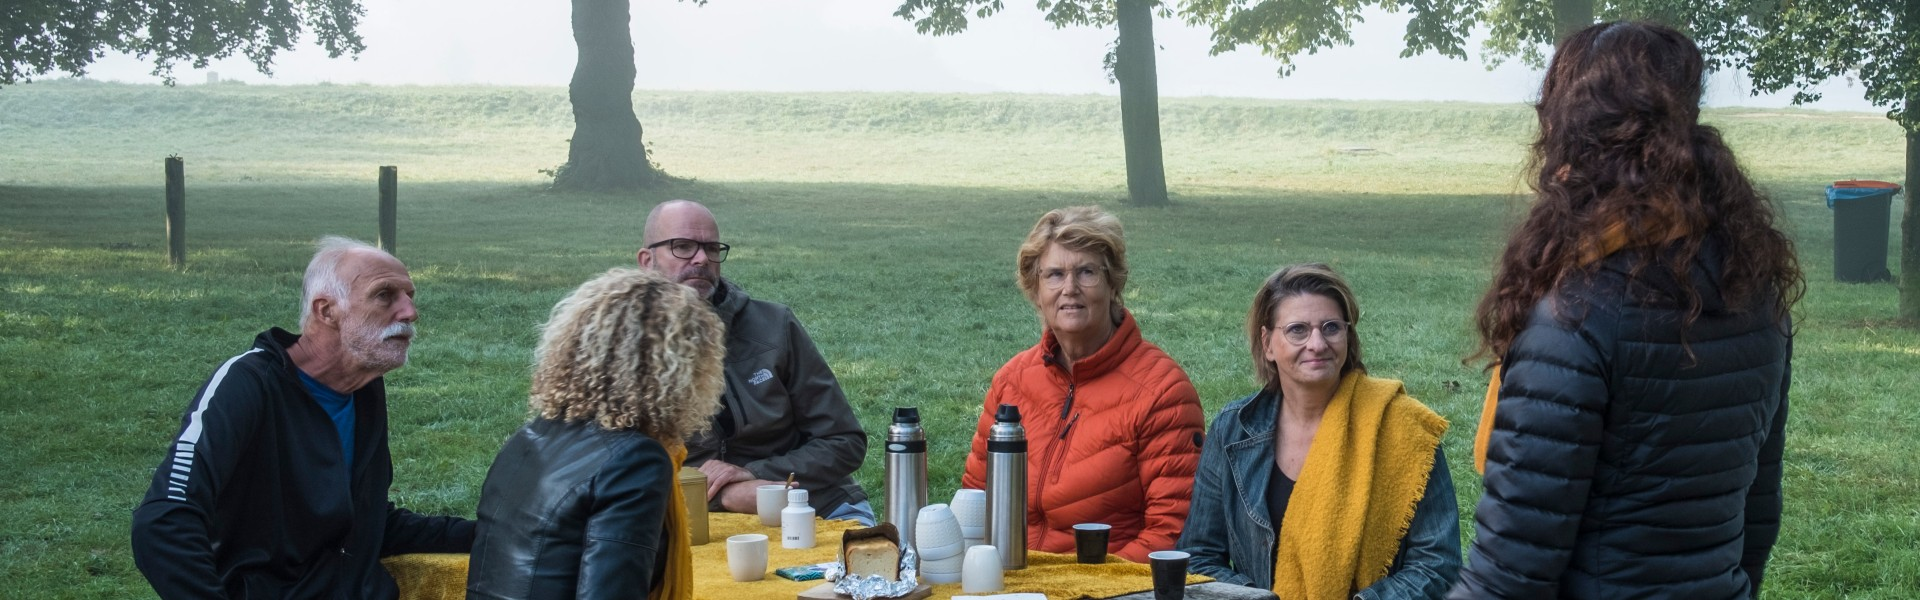 houtmoed picknick